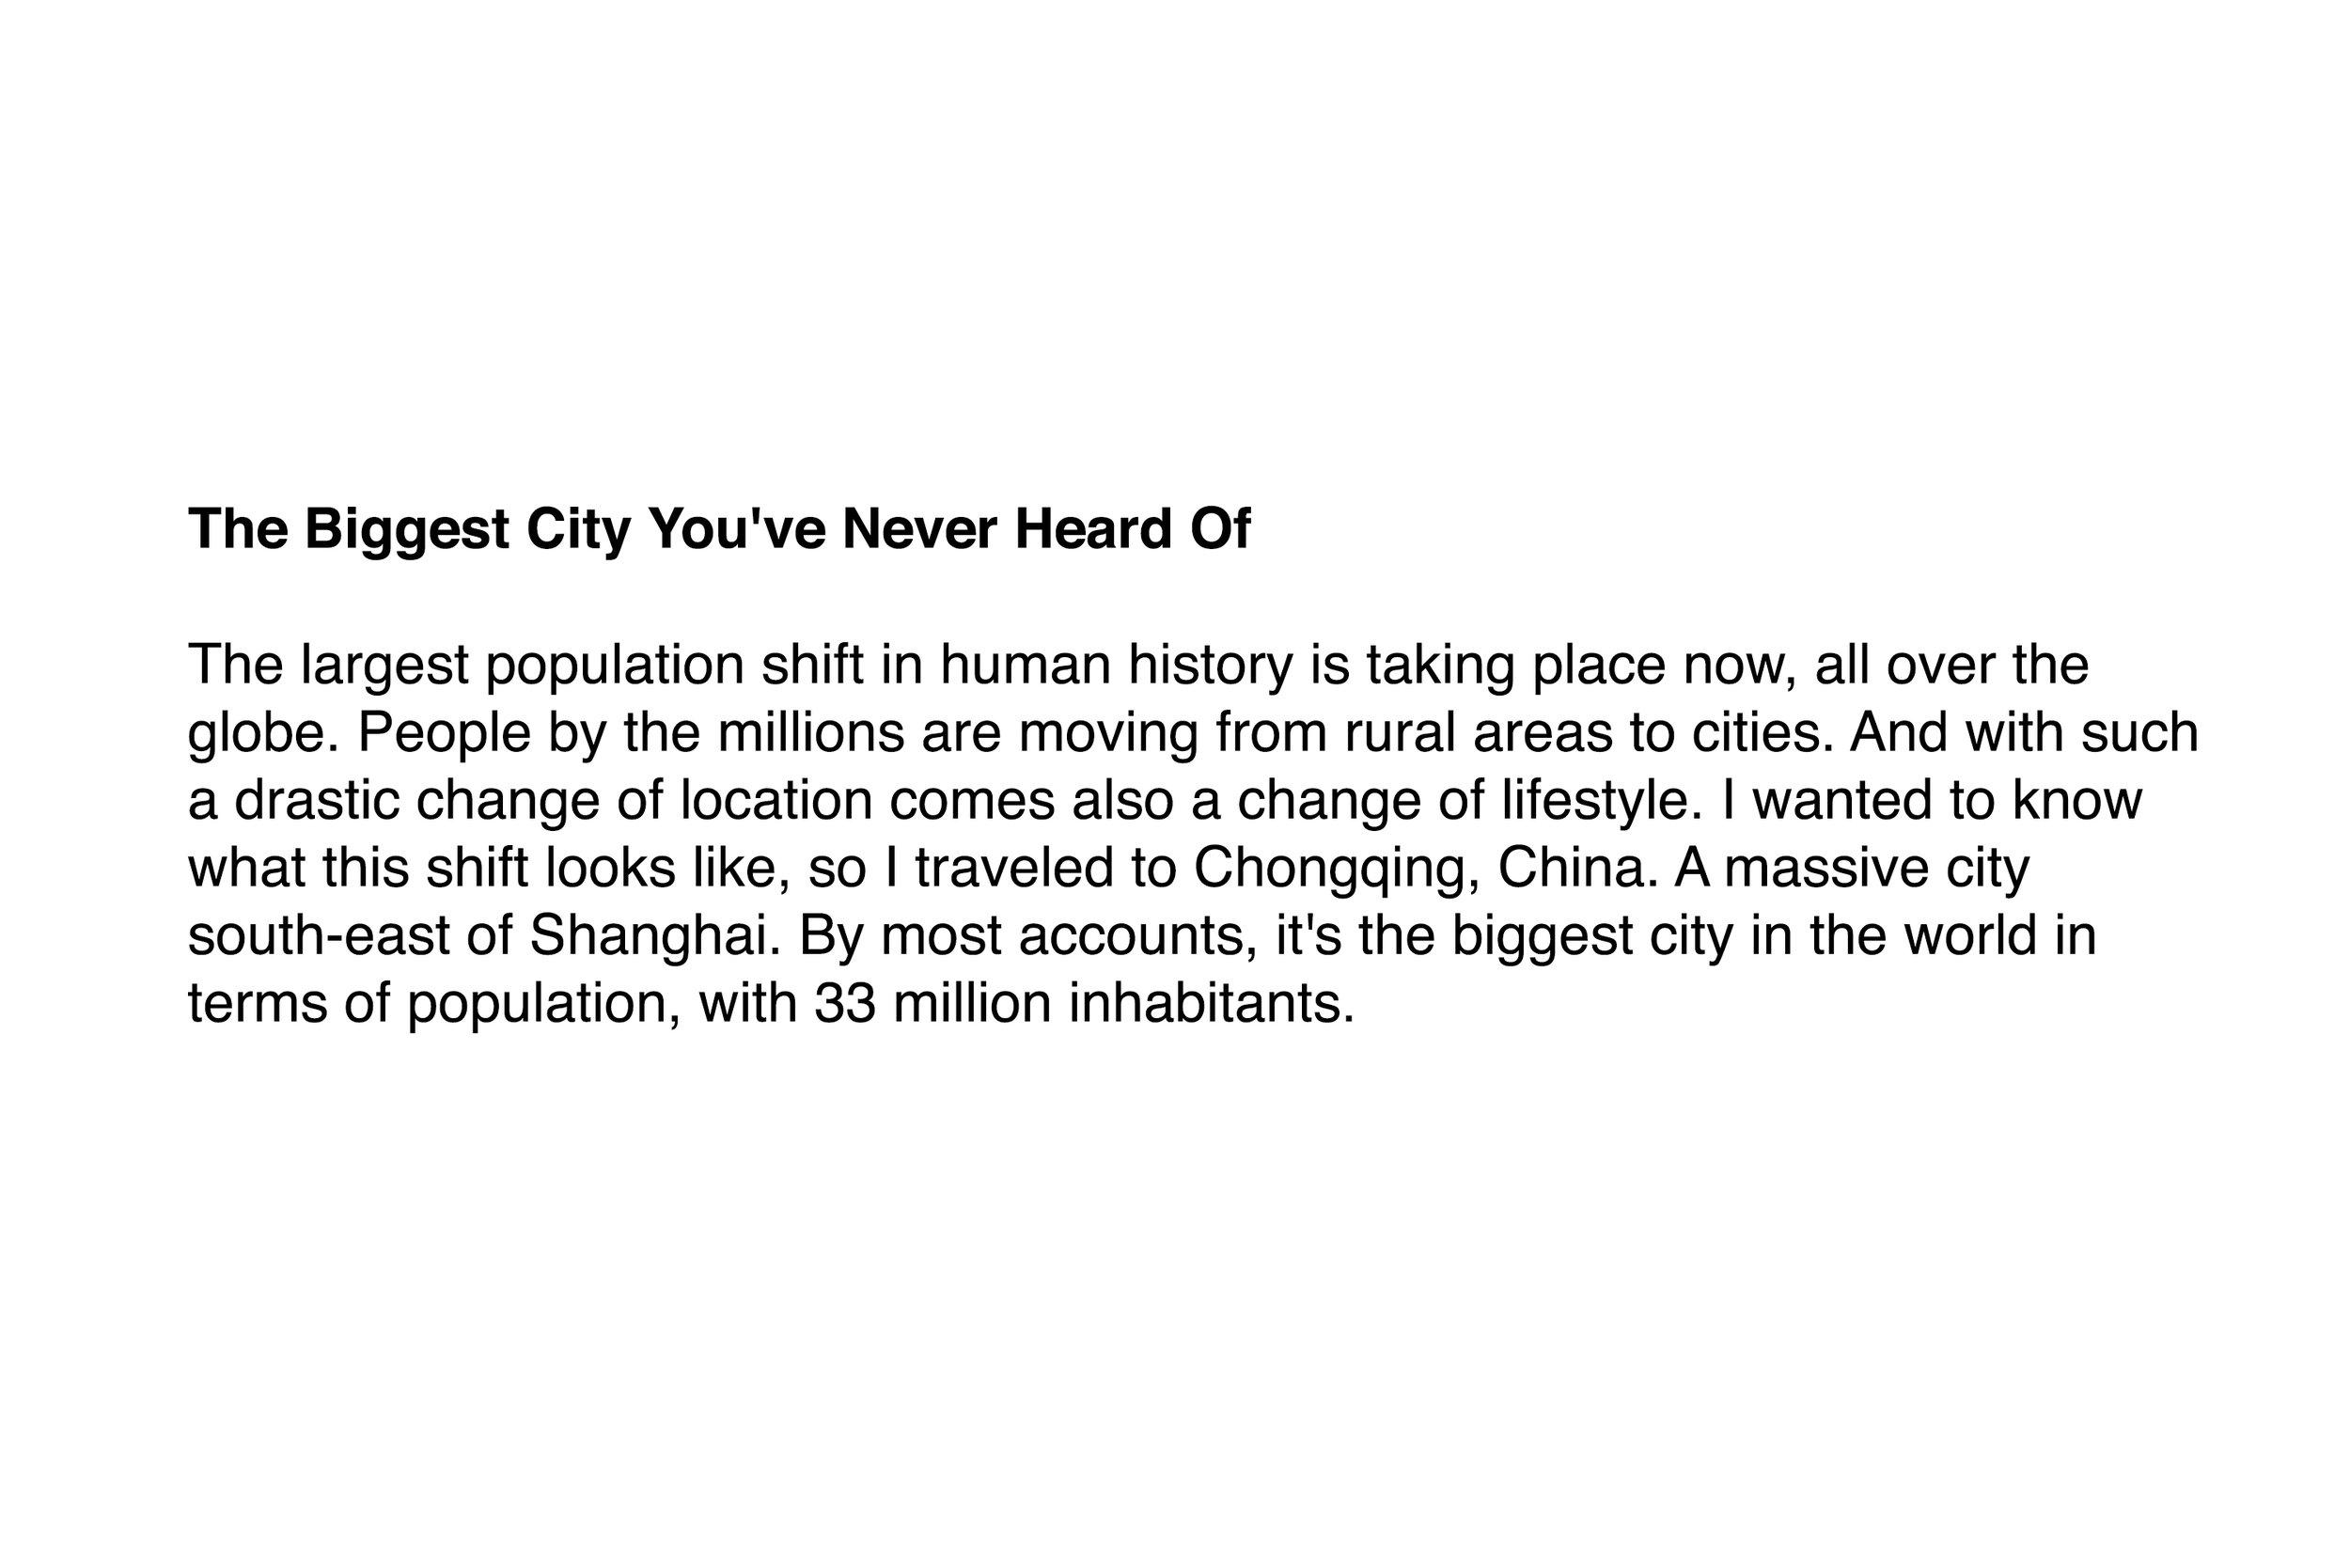 Chongqing text frame.jpg